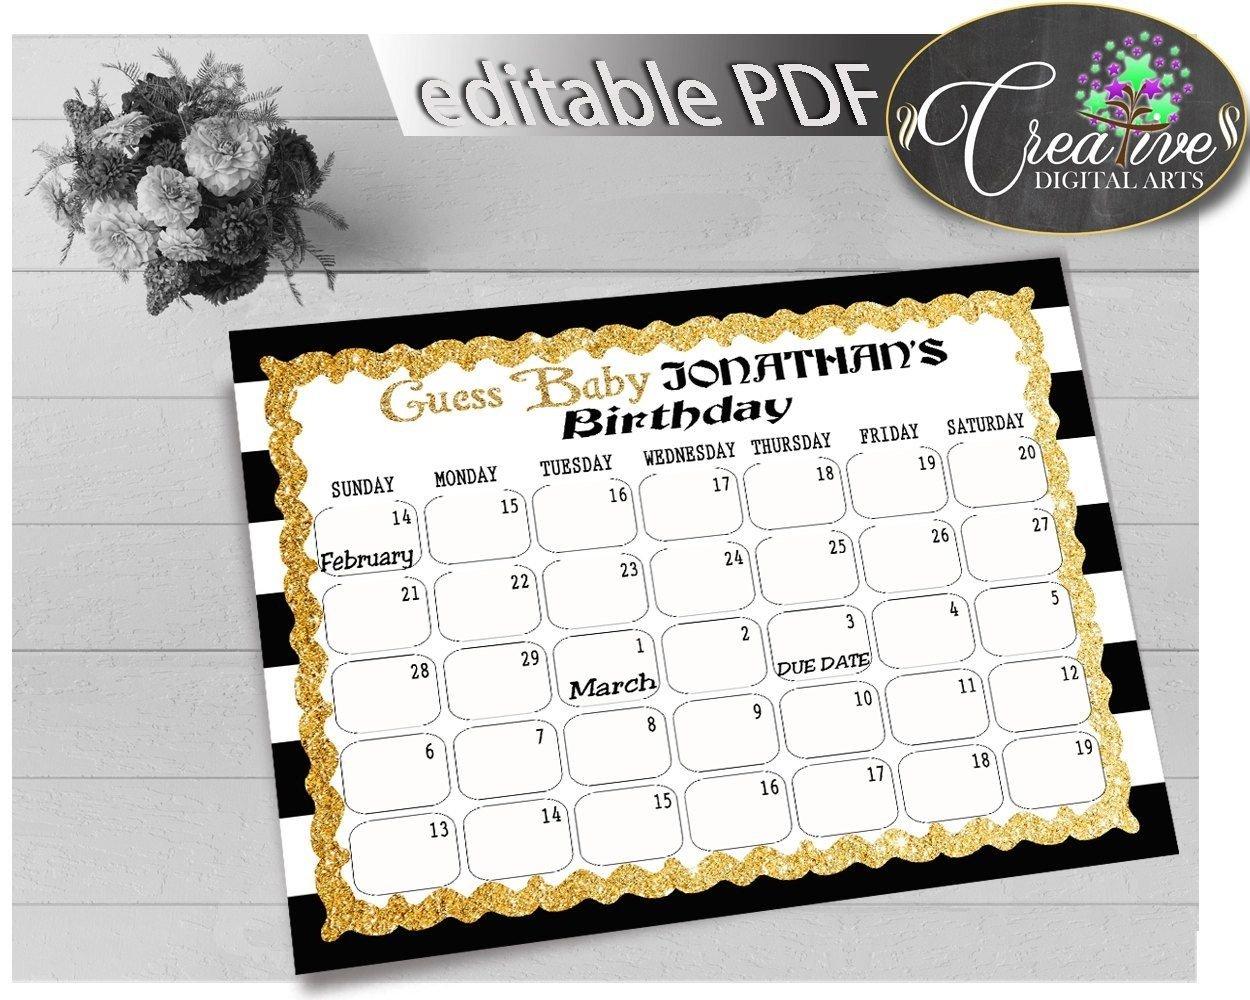 Due Date Guess February Calendar | Calendar Template 2021 Baby Calendar Free Guess